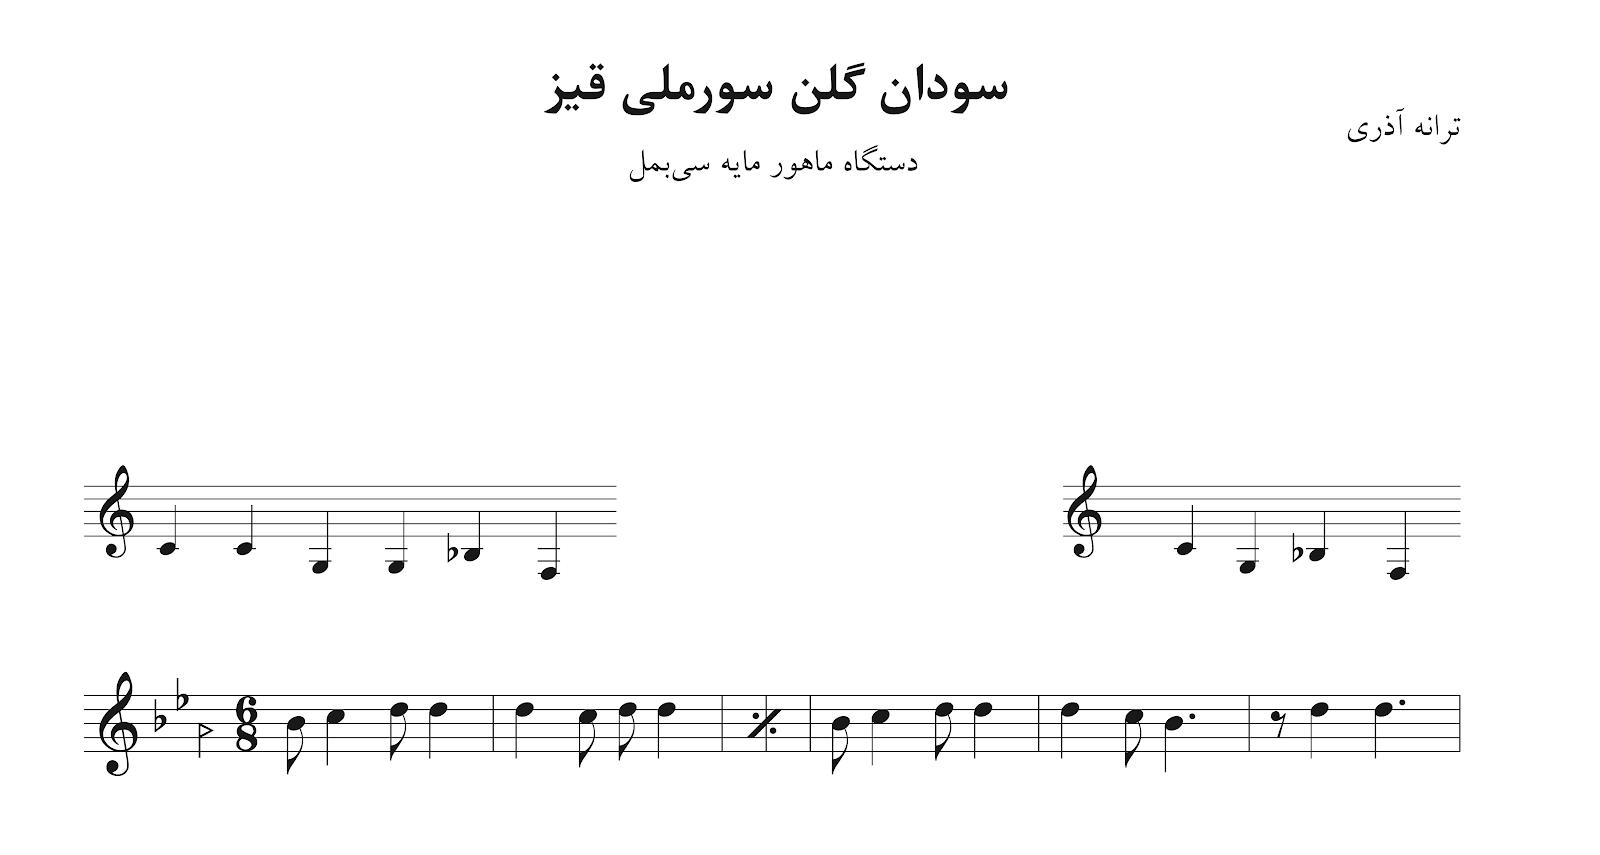 نت سودان گلن سورملی قیز ترانه آذری ماهور سیبمل